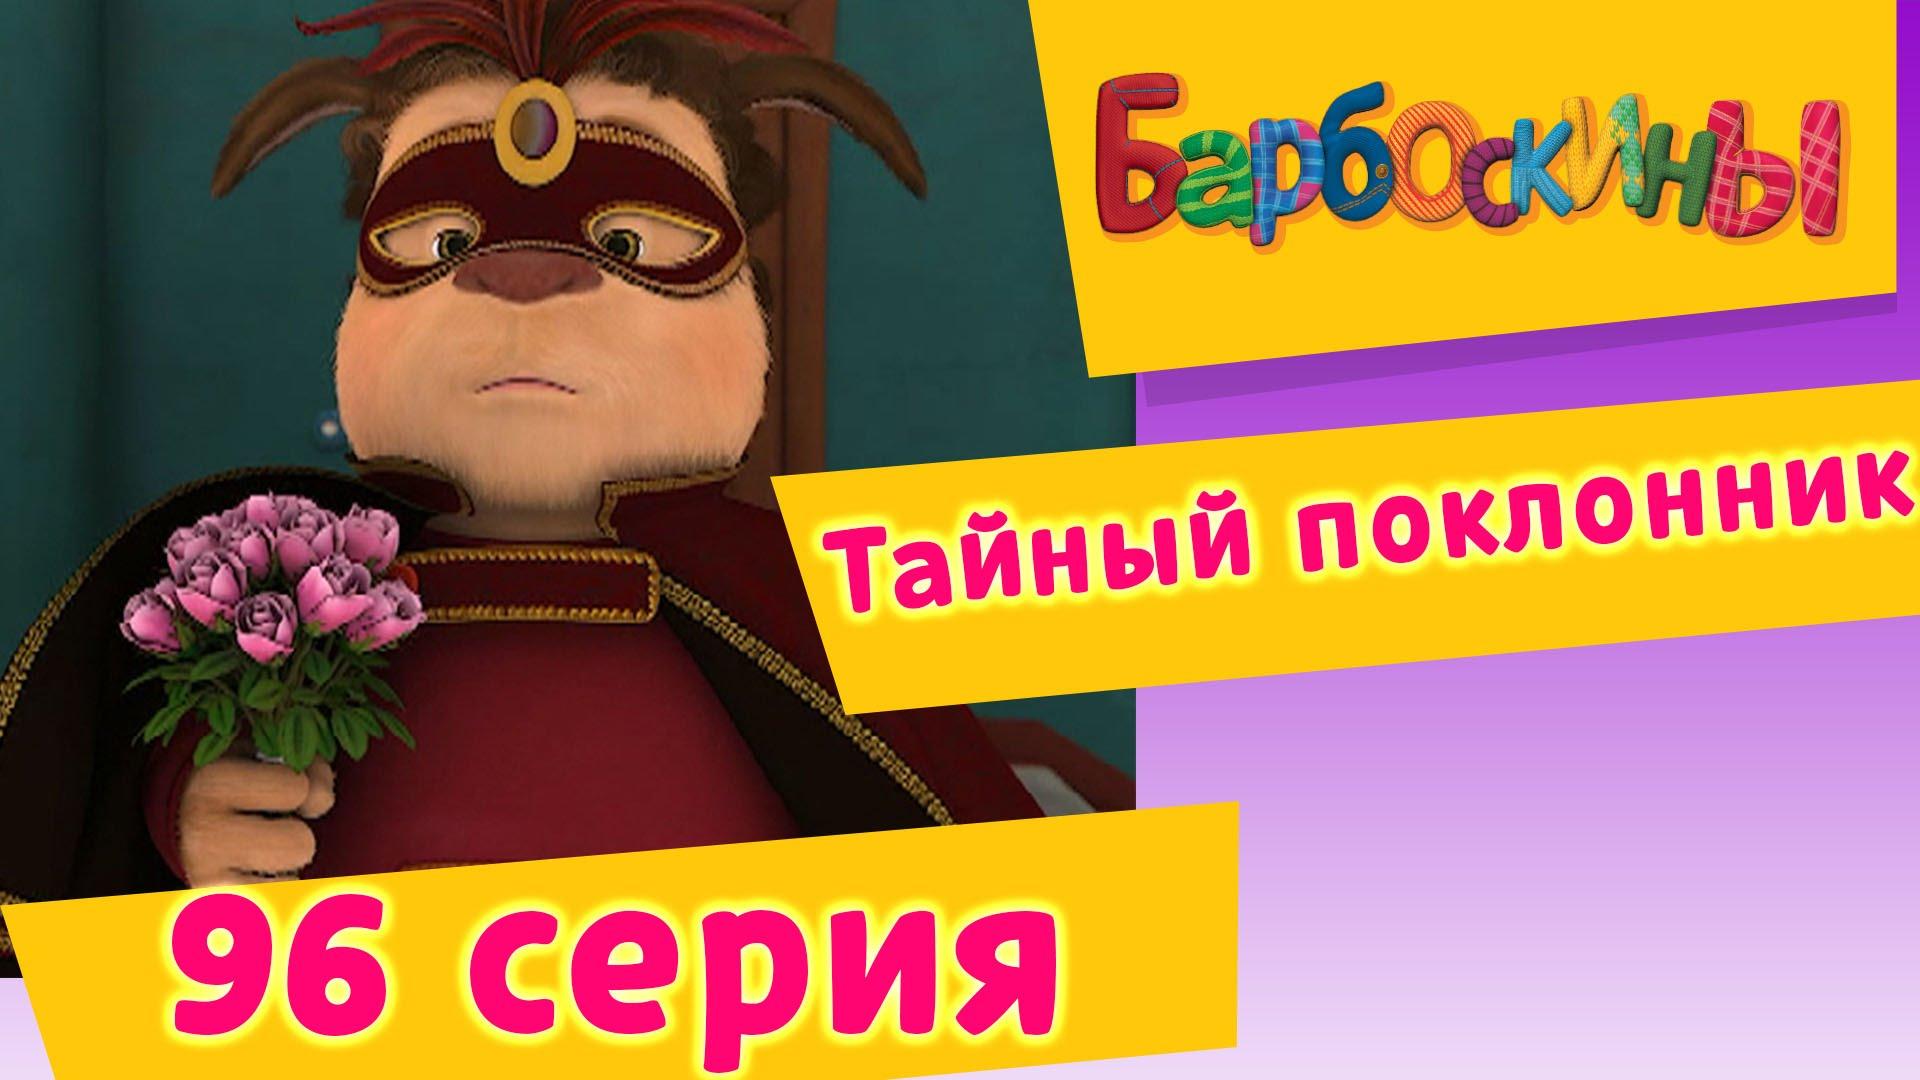 Барбоскины — 96 Серия. Тайный поклонник